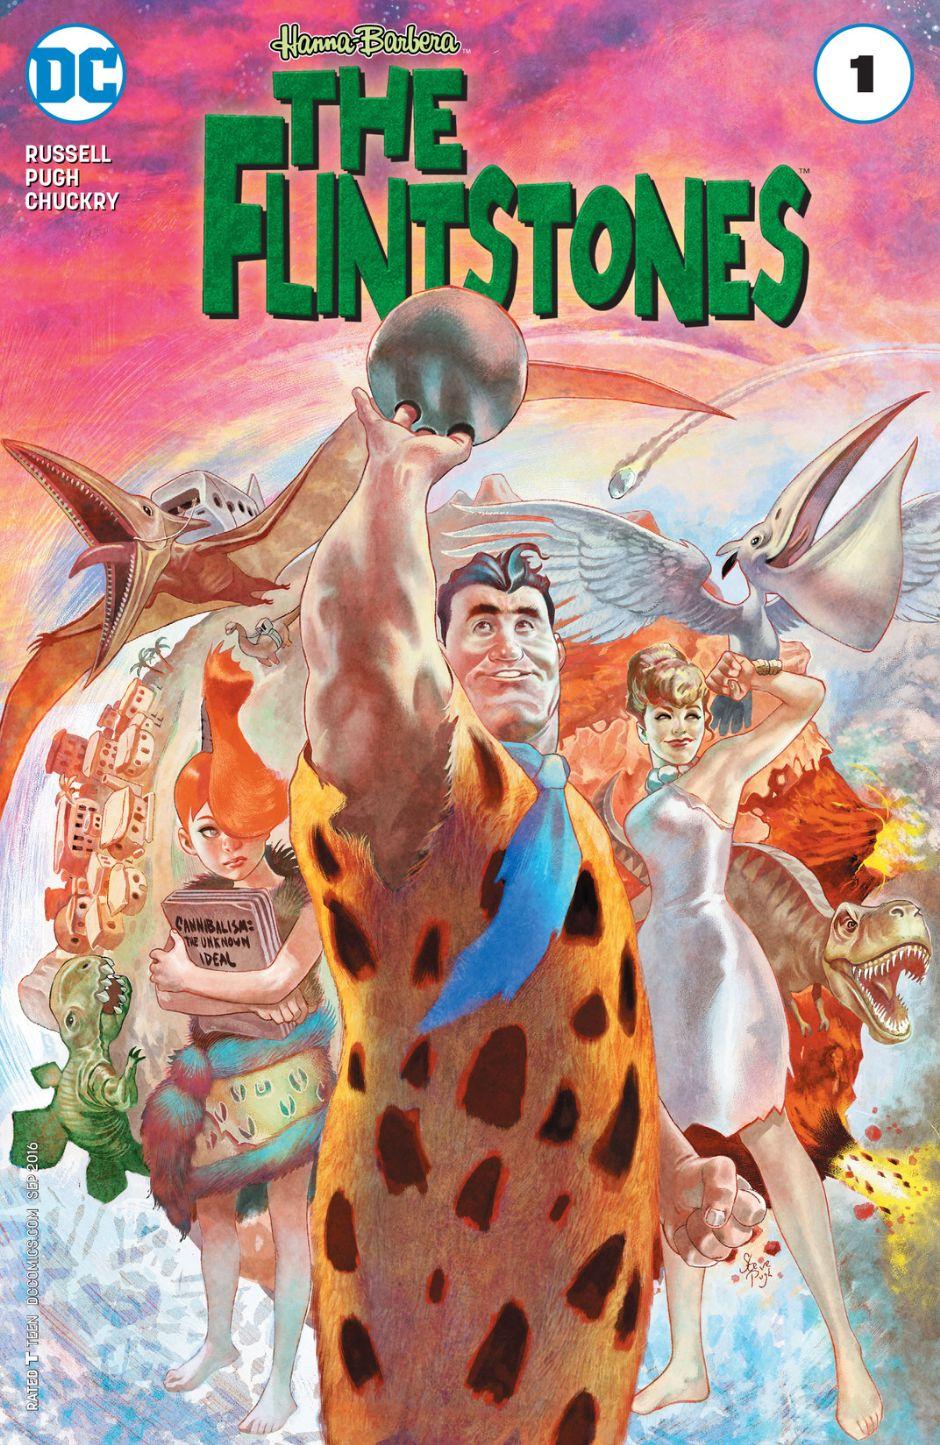 The_Flintstones_Vol_1_1.jpg